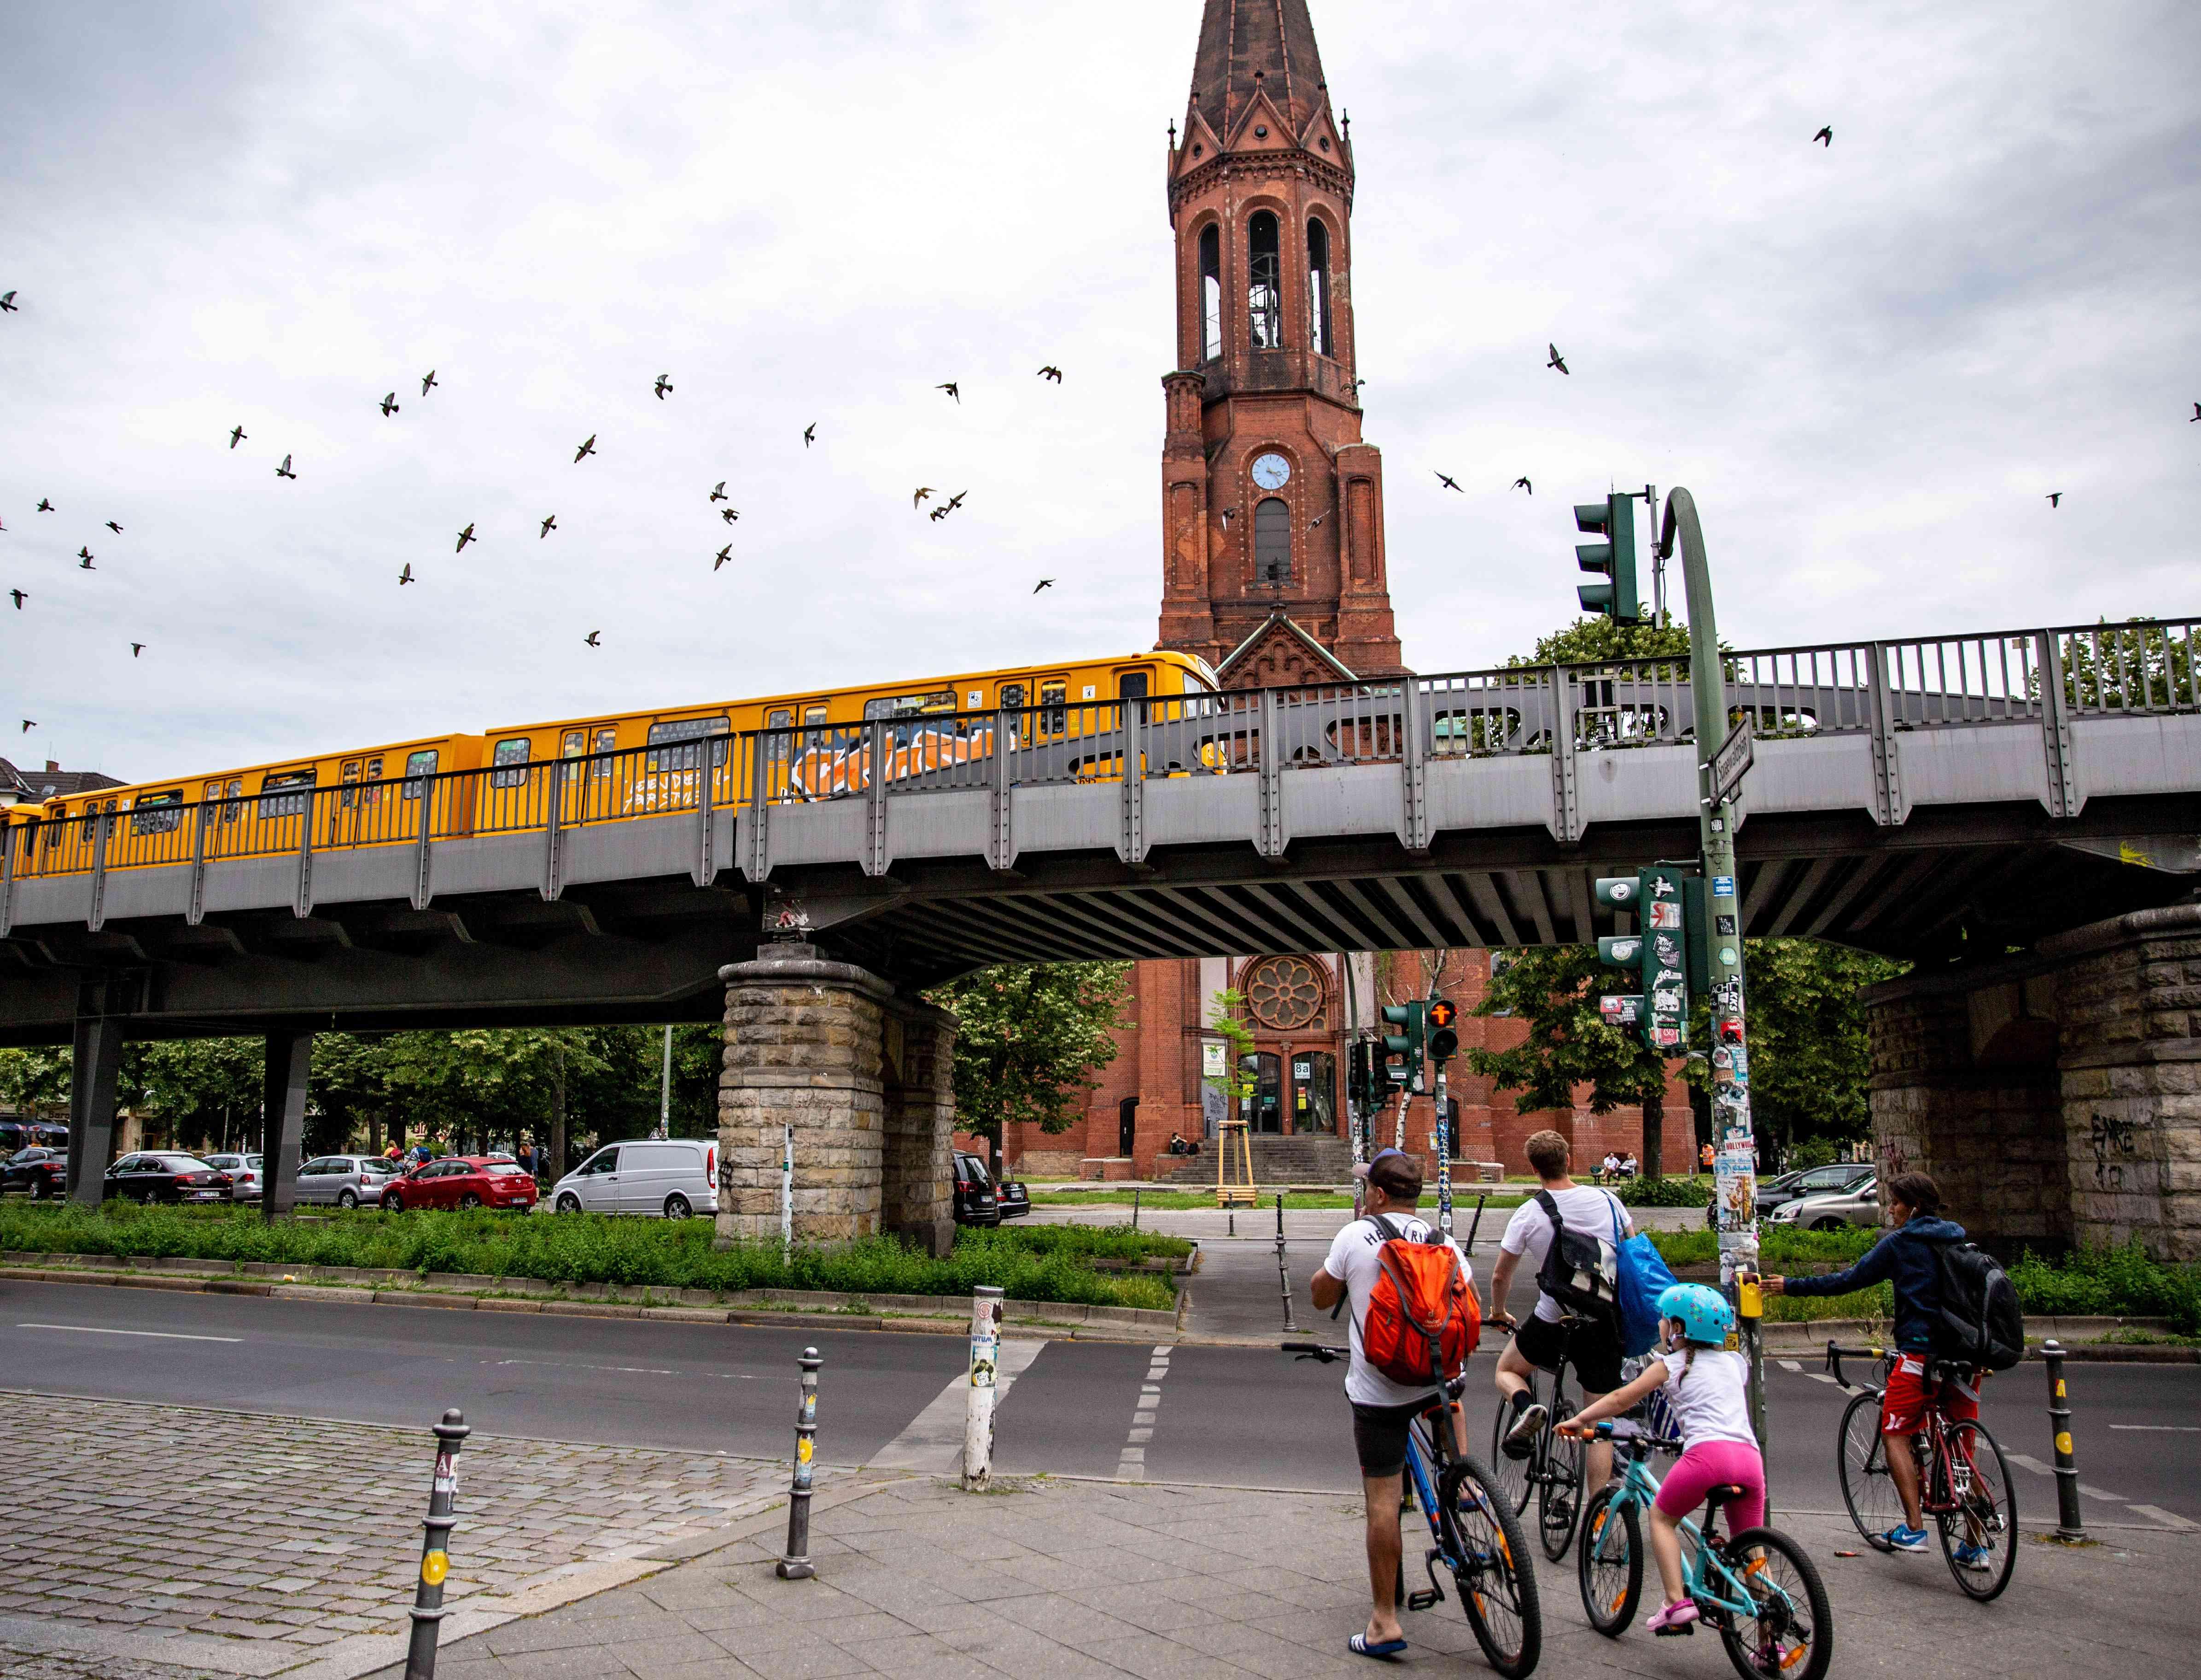 People on a bike watching a graffitied train go by in Kreuzberg